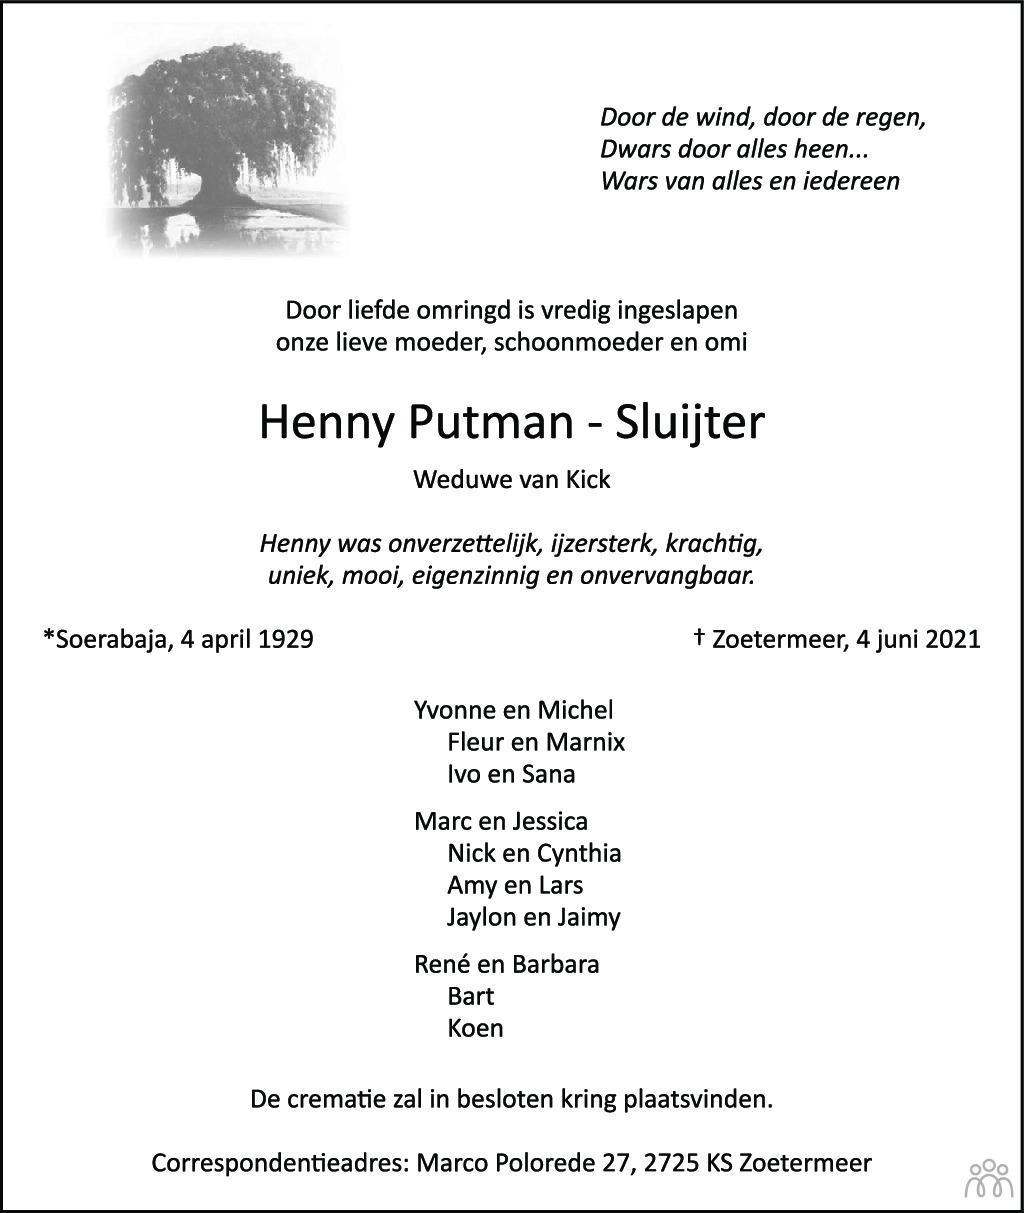 Overlijdensbericht van Henny Putman-Sluijter in Streekblad